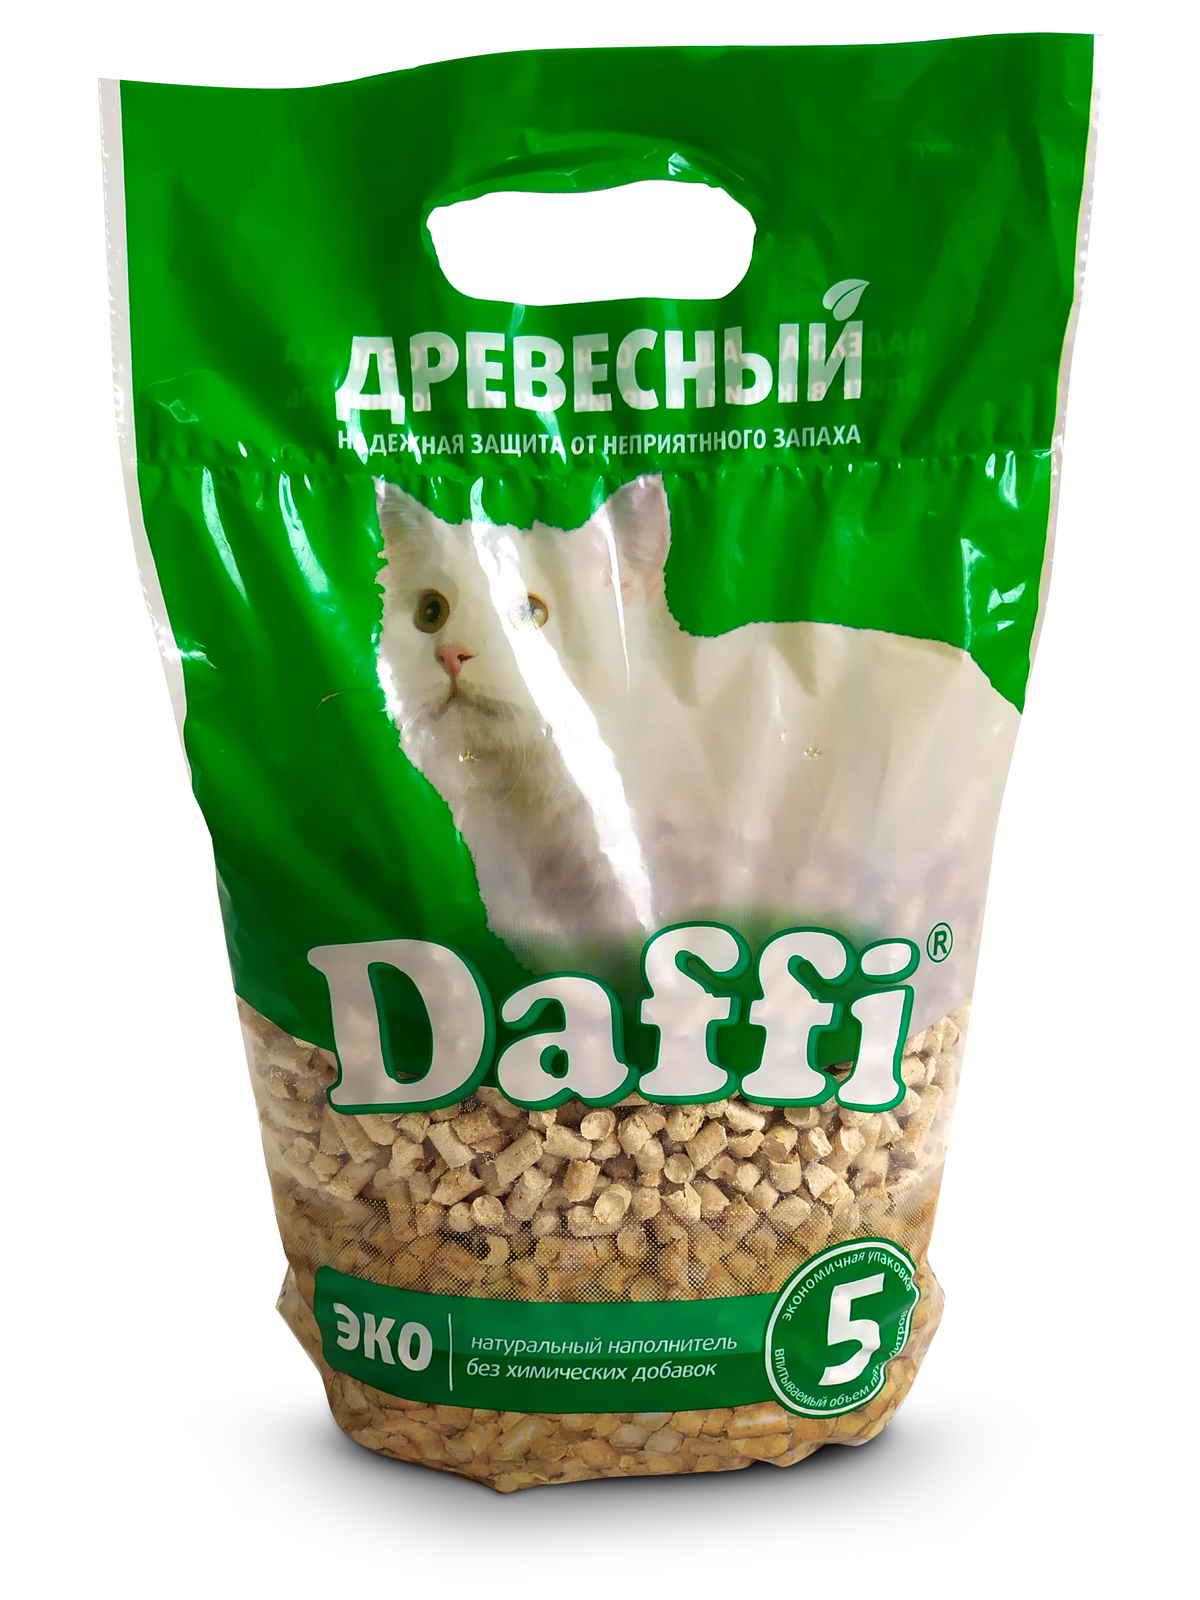 Впитывающий наполнитель для кошек Daffi EKO древесный,